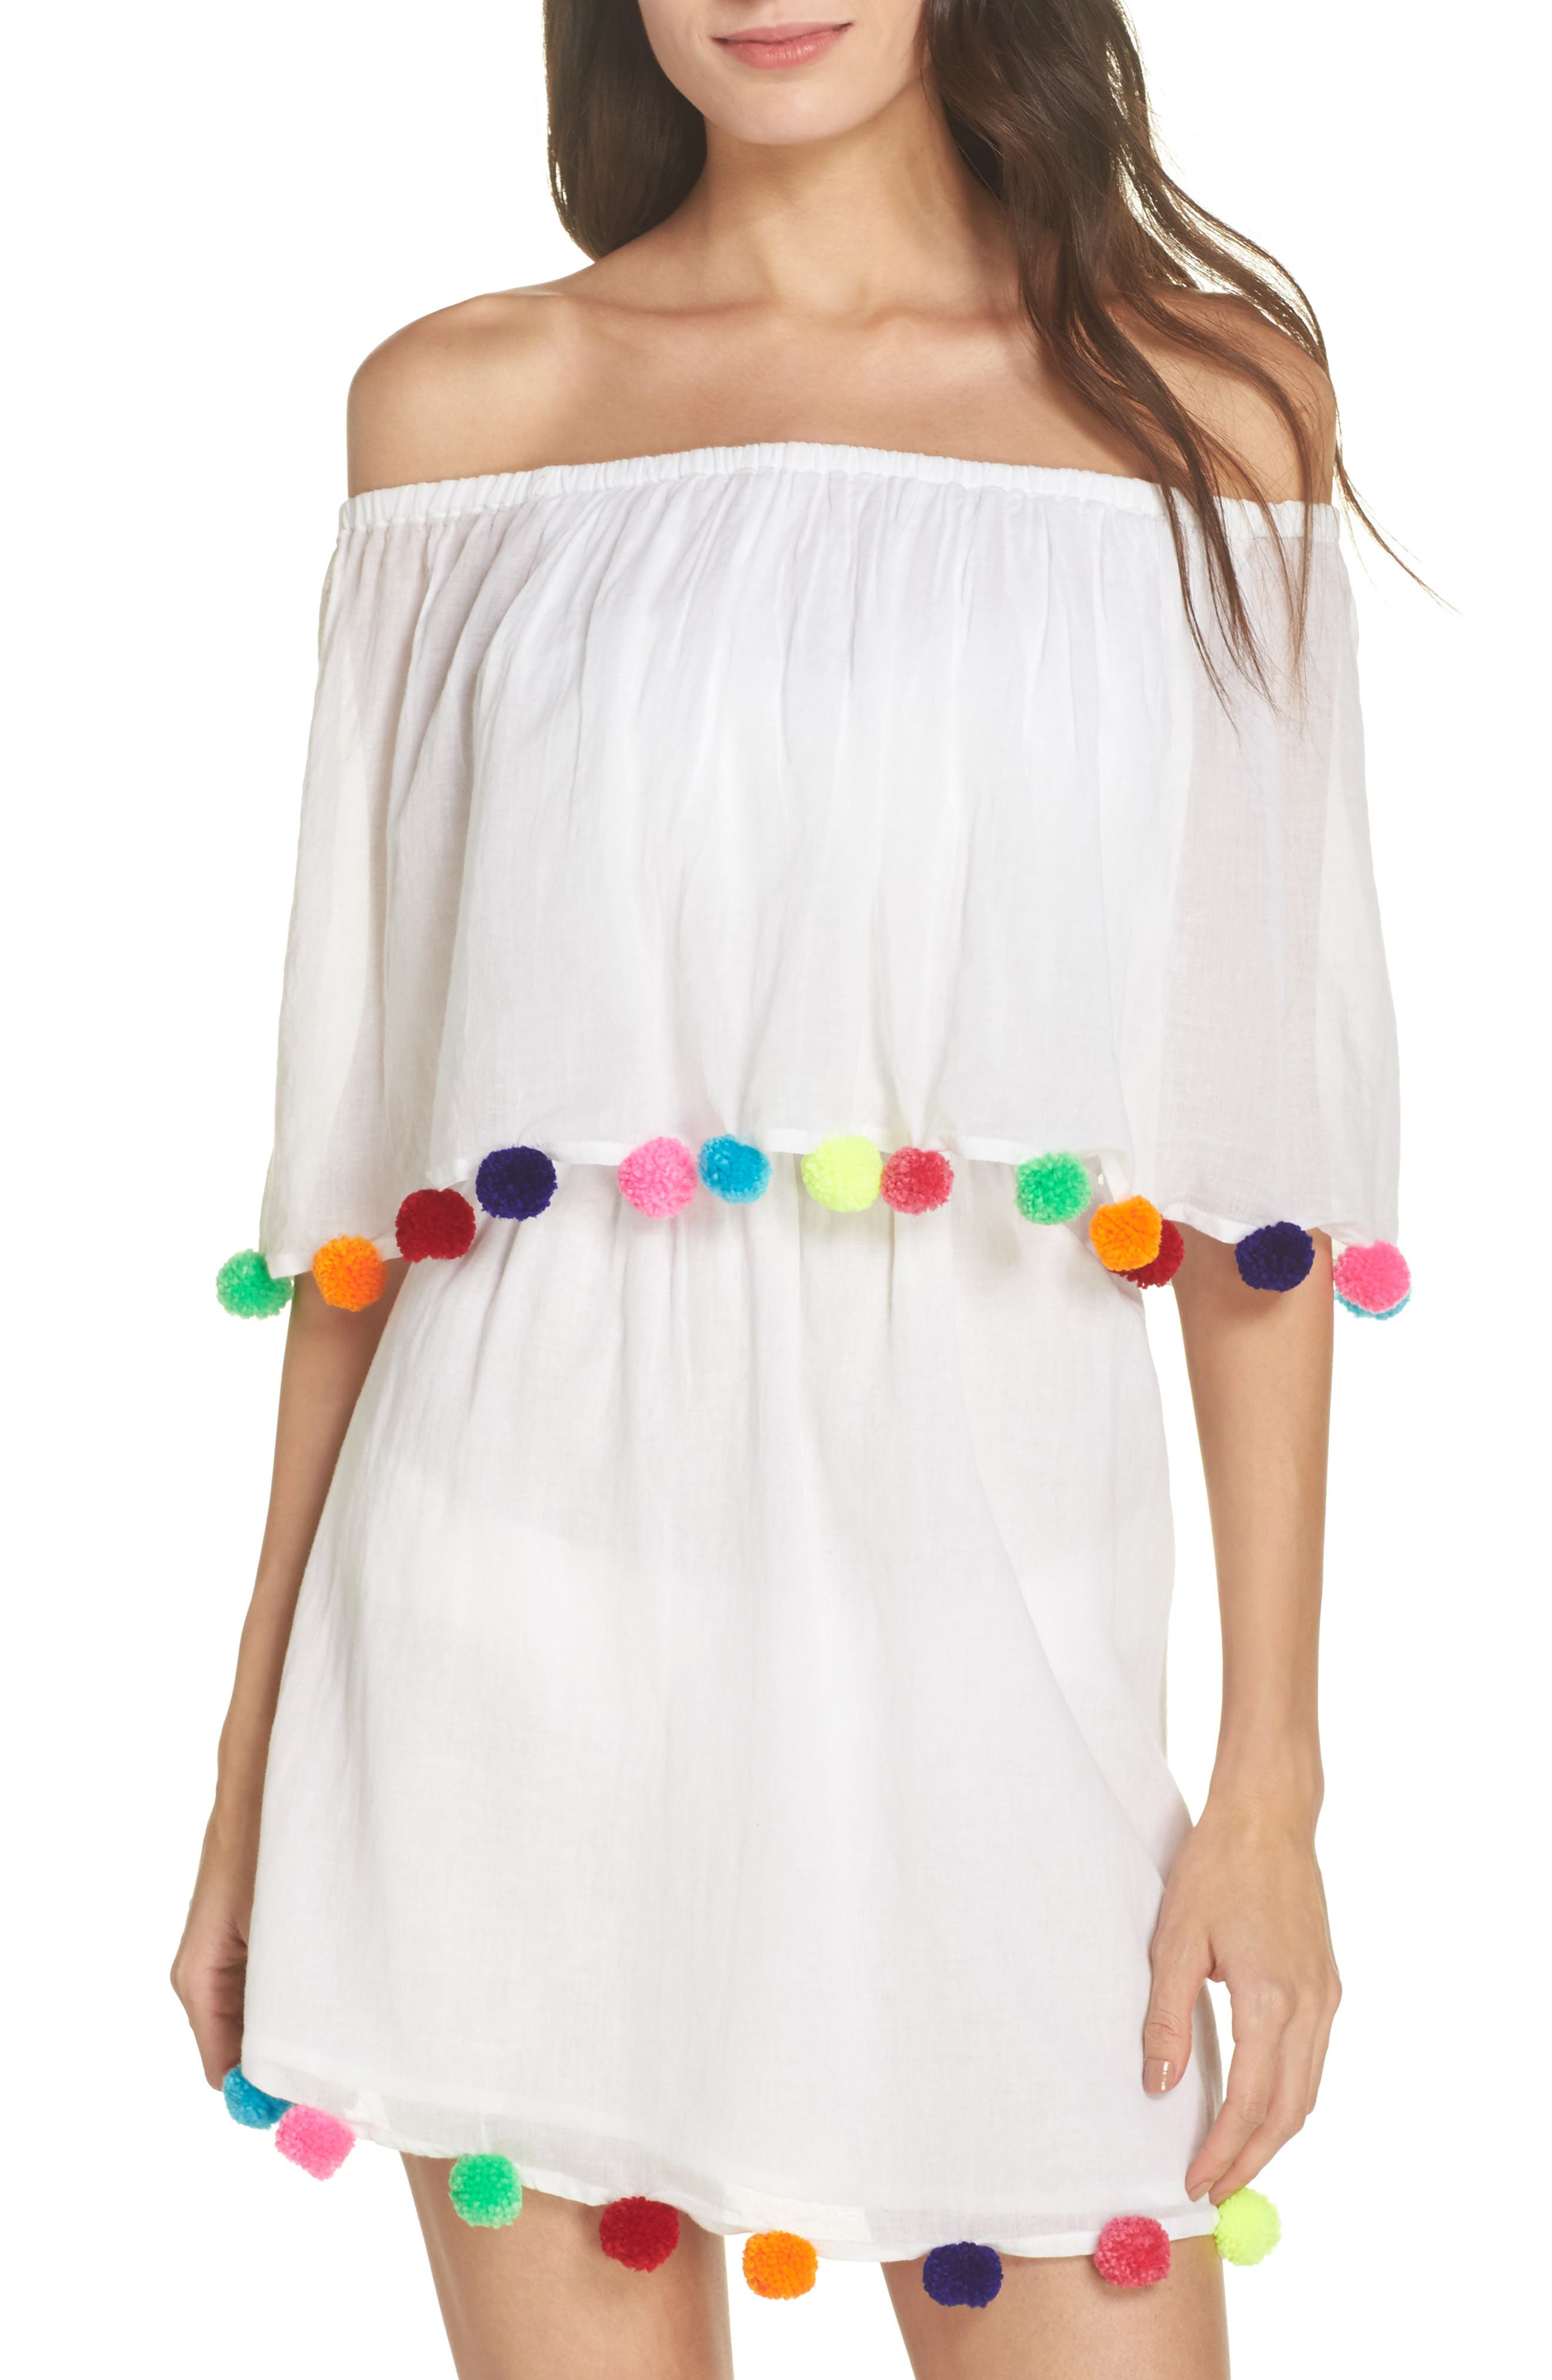 PITUSA Pompom Festival Cover-Up Dress